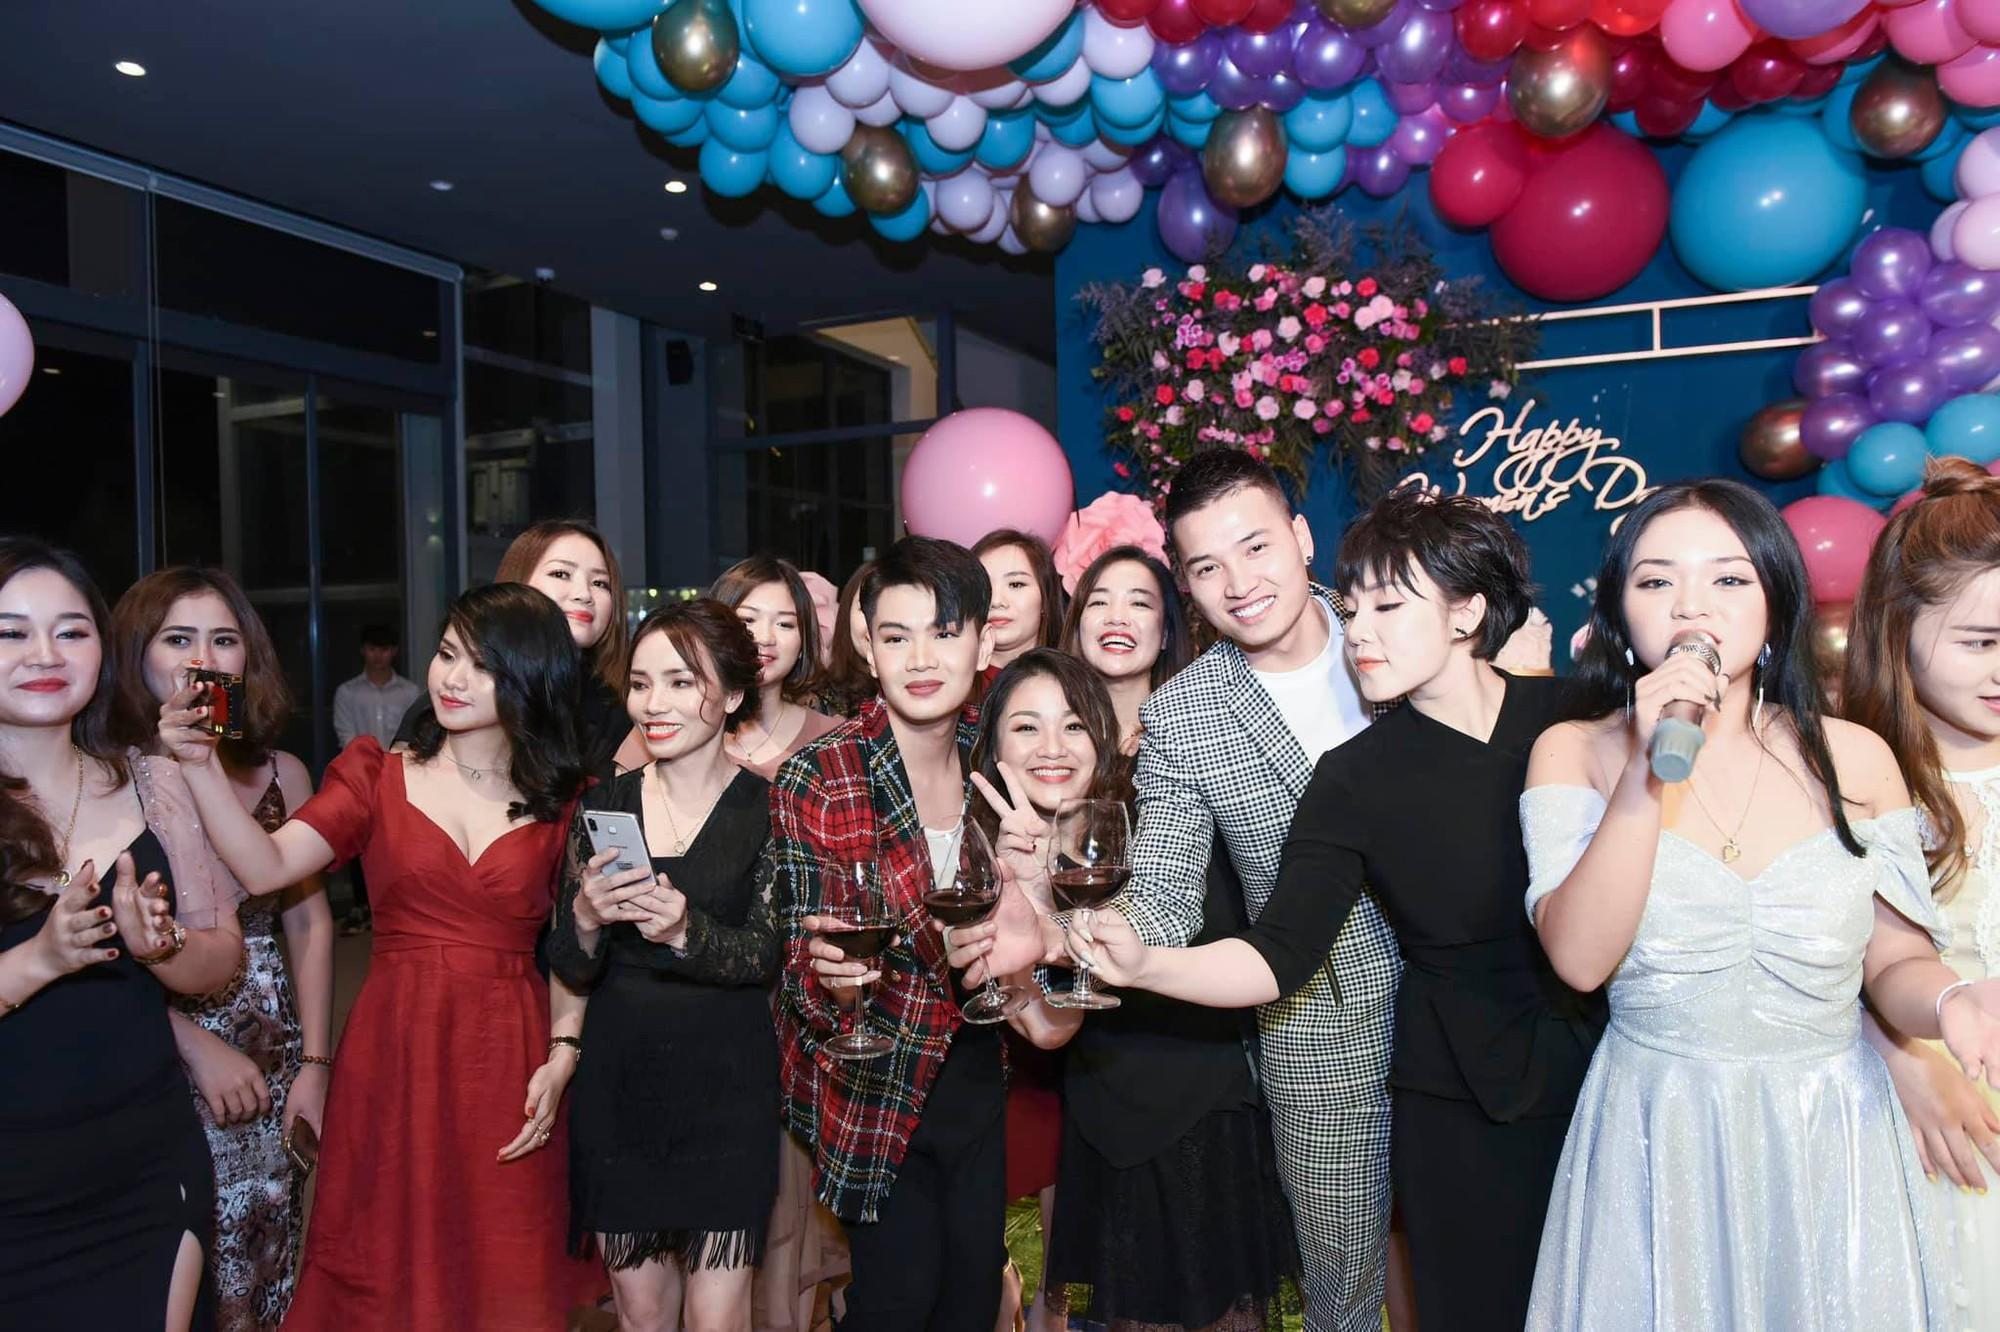 Đào Bá Lộc khuấy động đêm tiệc hoành tráng của công ty Kosxu nhân ngày Quốc tế Phụ nữ - Ảnh 9.